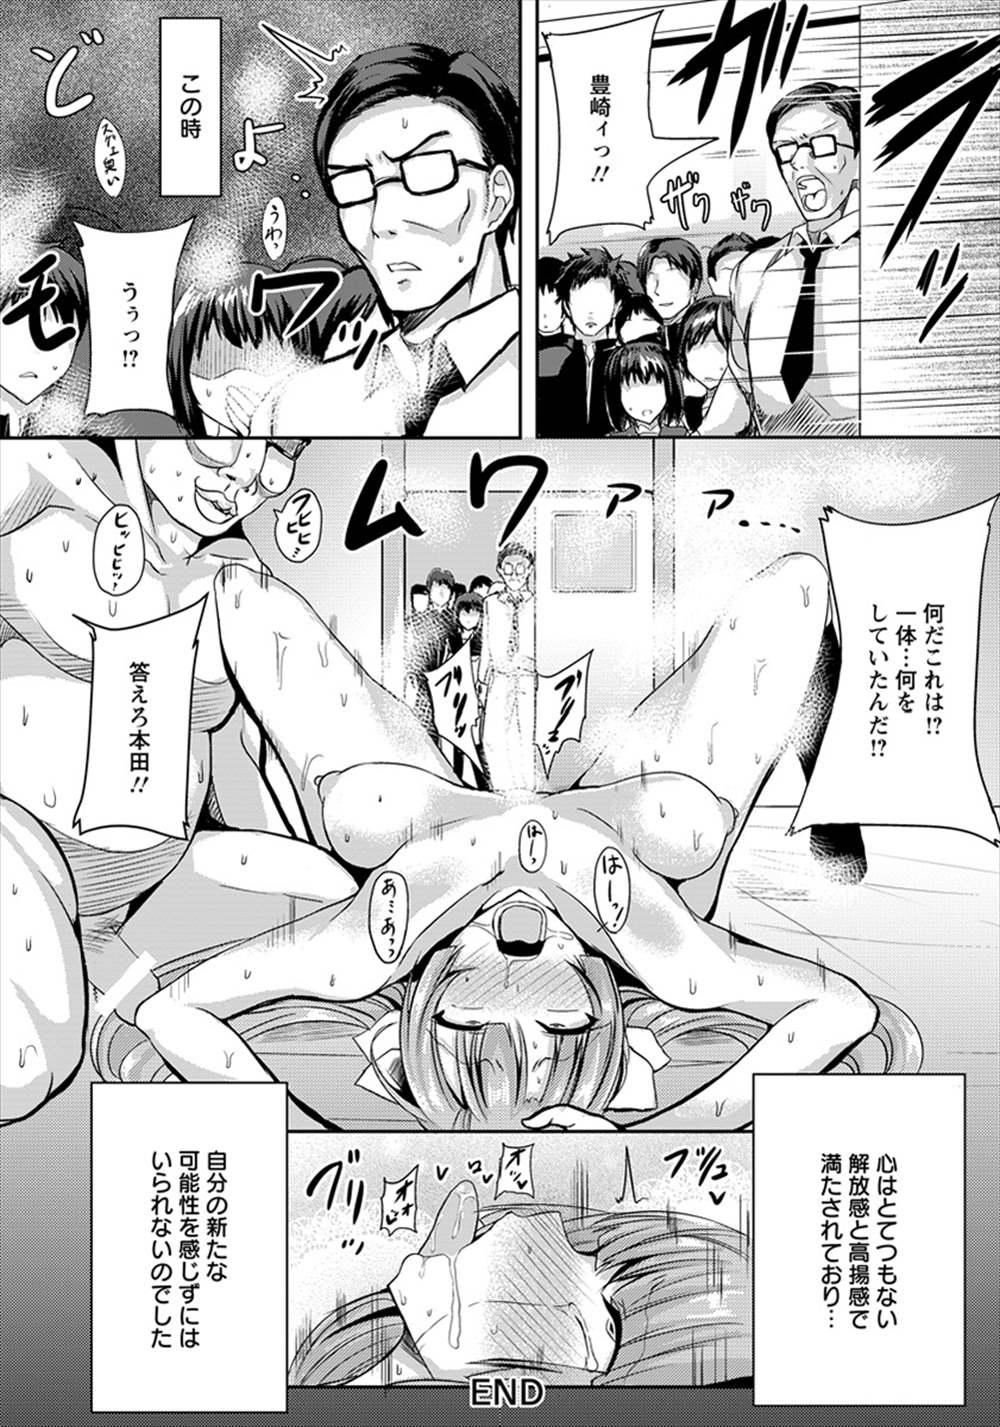 【エロ漫画】清純派のJKがキモデブに逆恨みされた…アナル調教されて校内放送で脱糞音を撒き散らすwww【にしゆき:ヒメアナ】